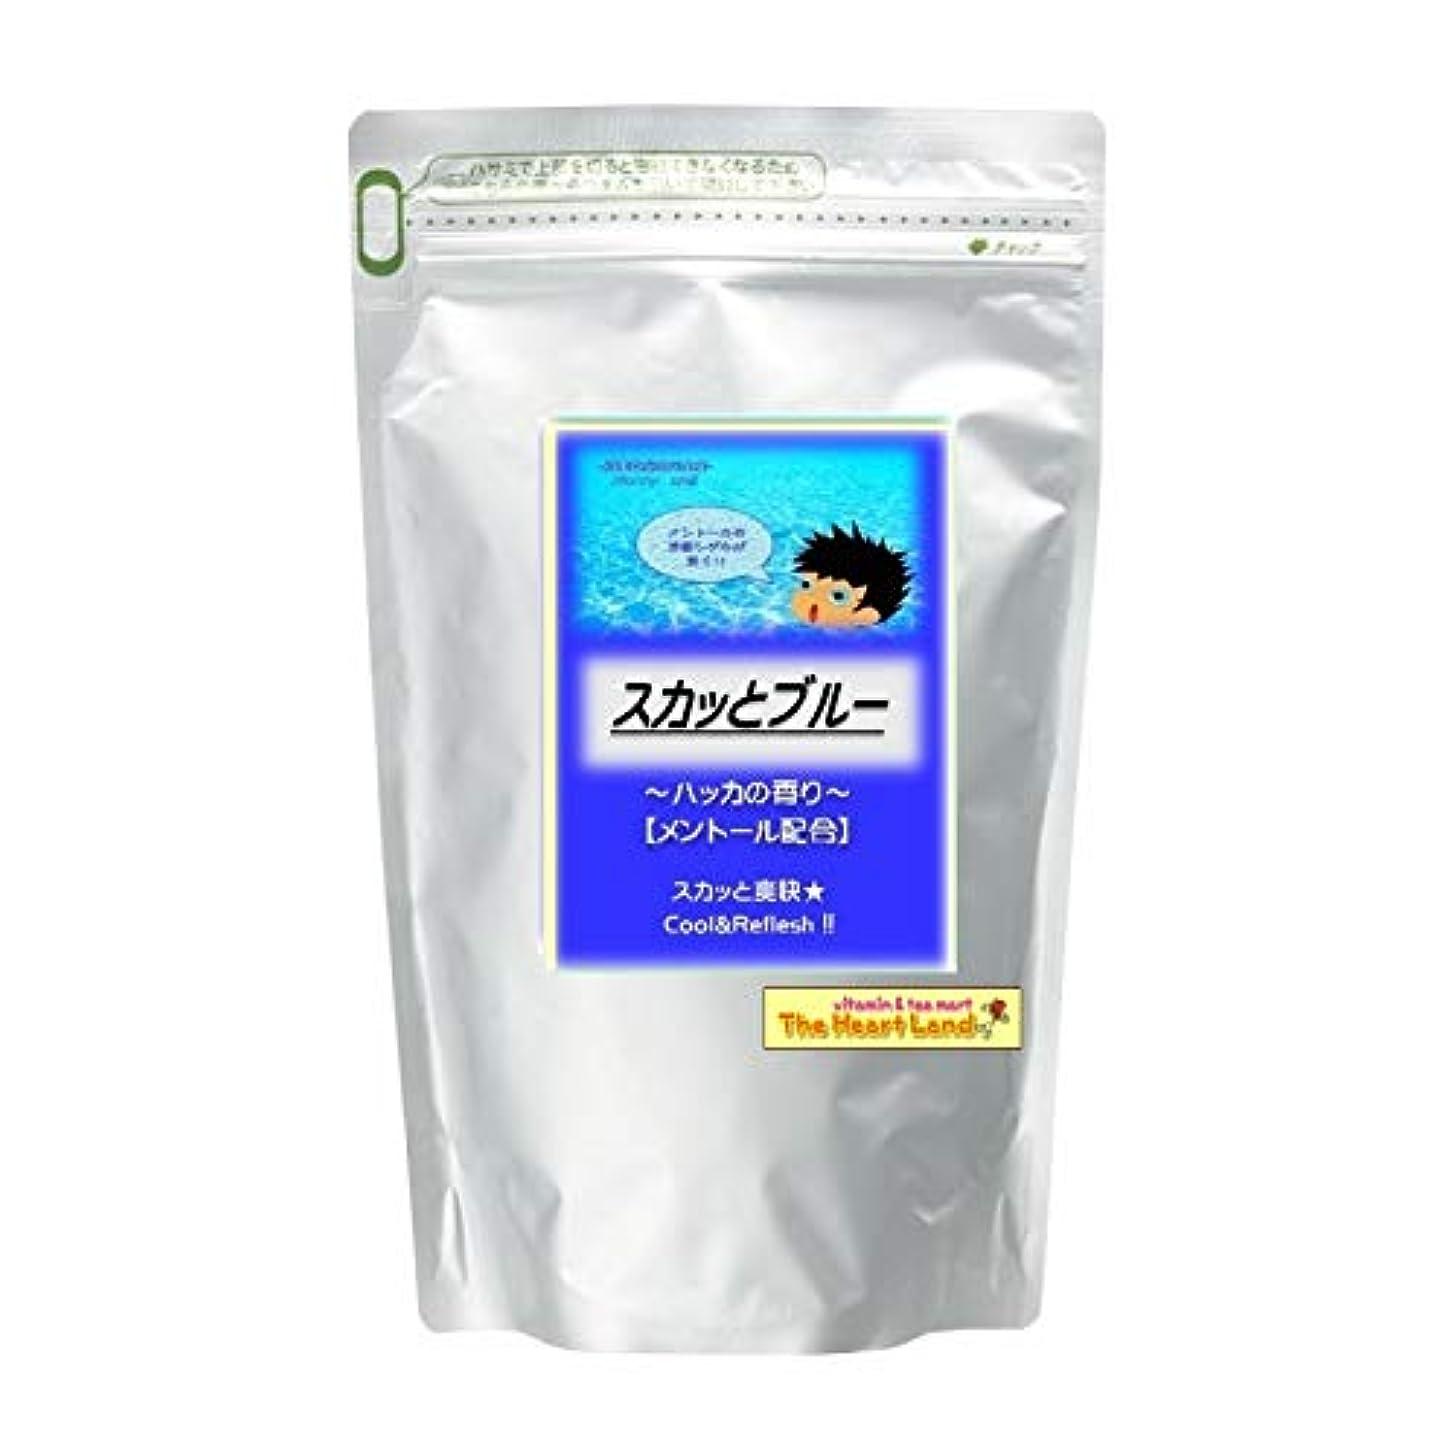 ネスト類推練習したアサヒ入浴剤 浴用入浴化粧品 スカッとブルー 2.5kg